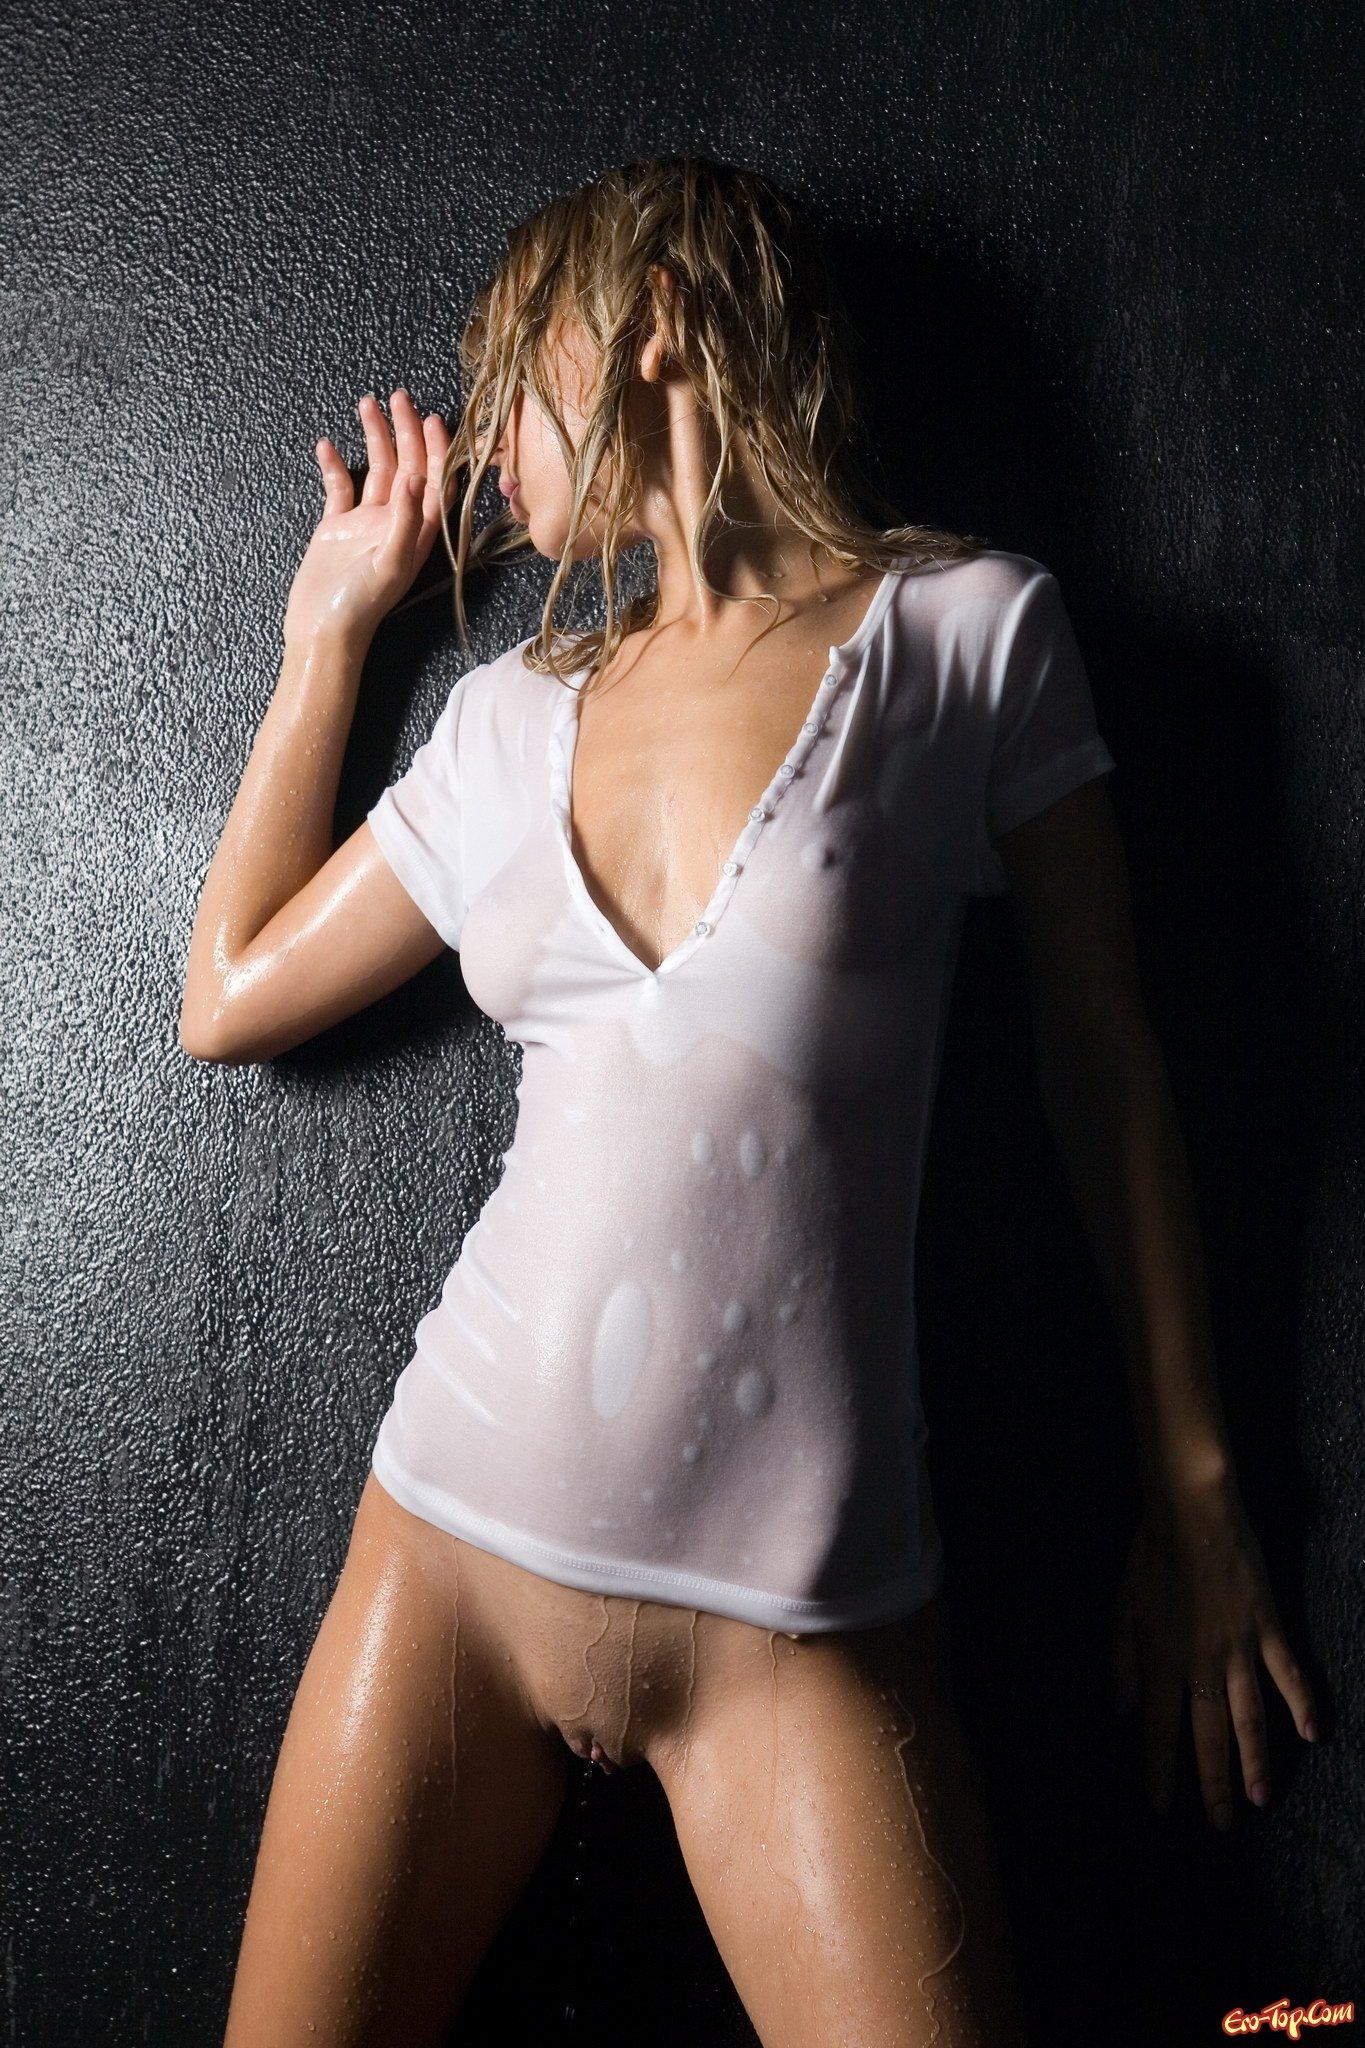 Мокрая пизда и маечка фото